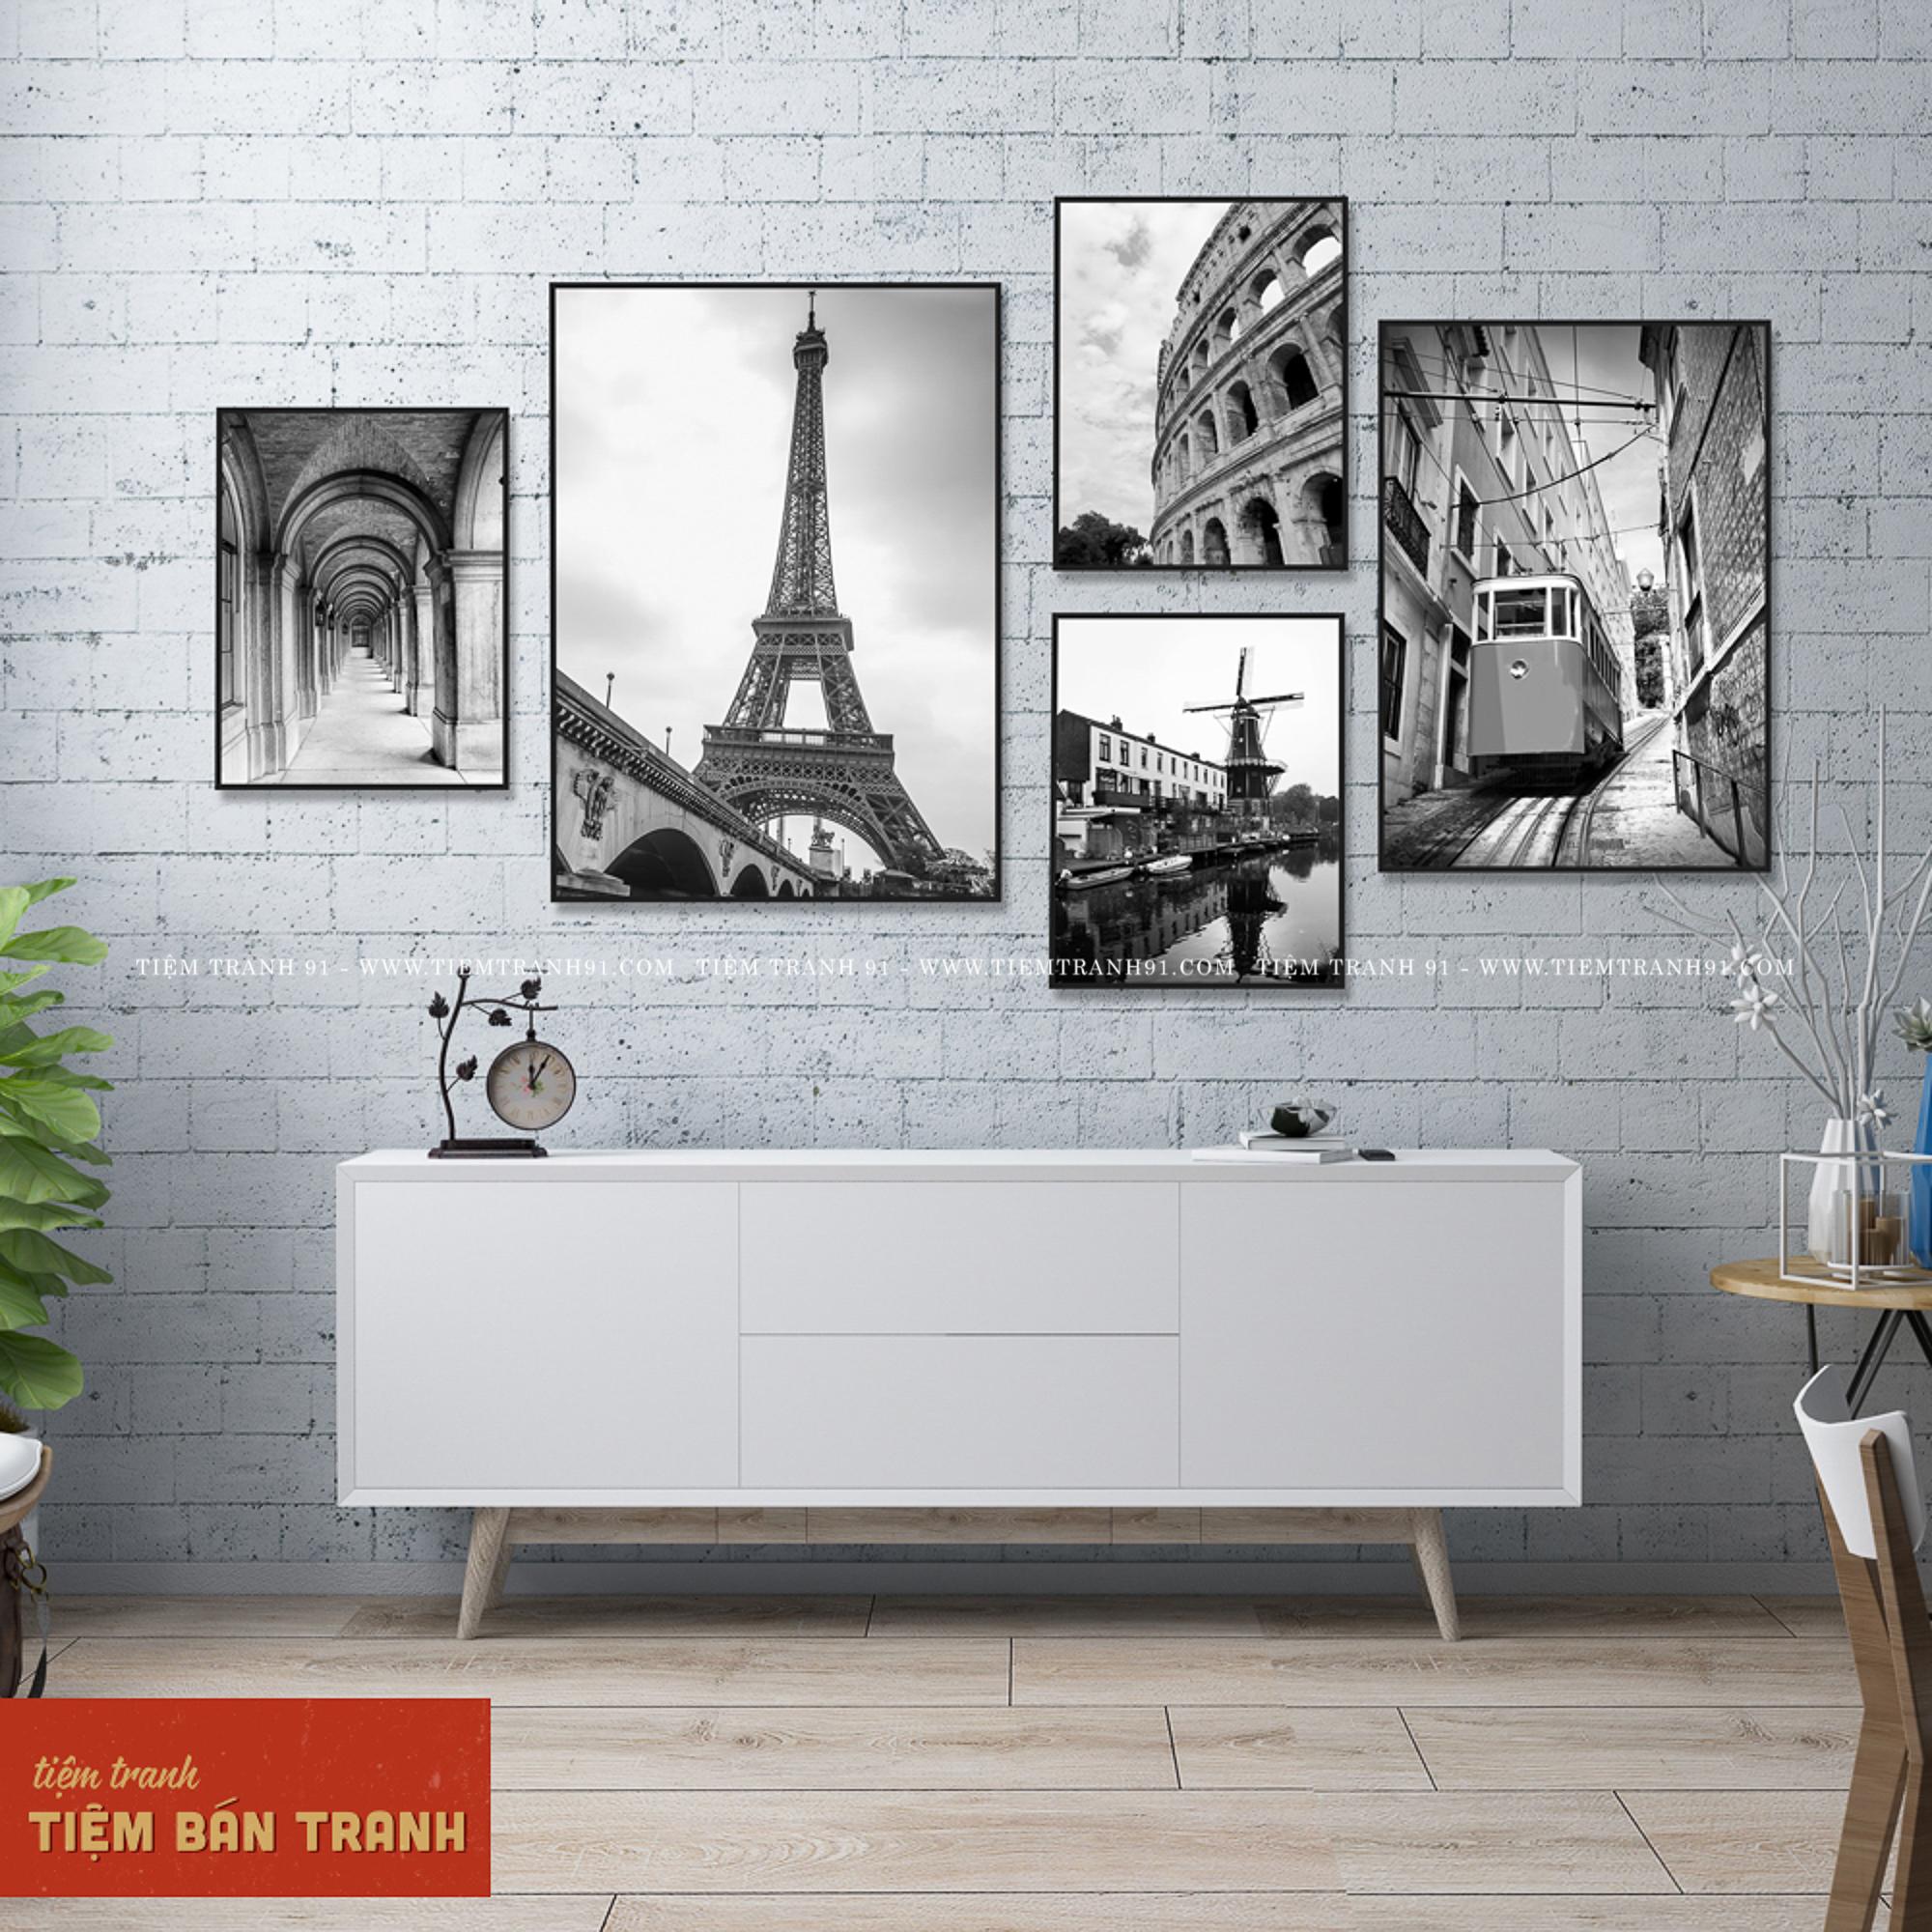 tranh treo tường đen trắng cổ điển